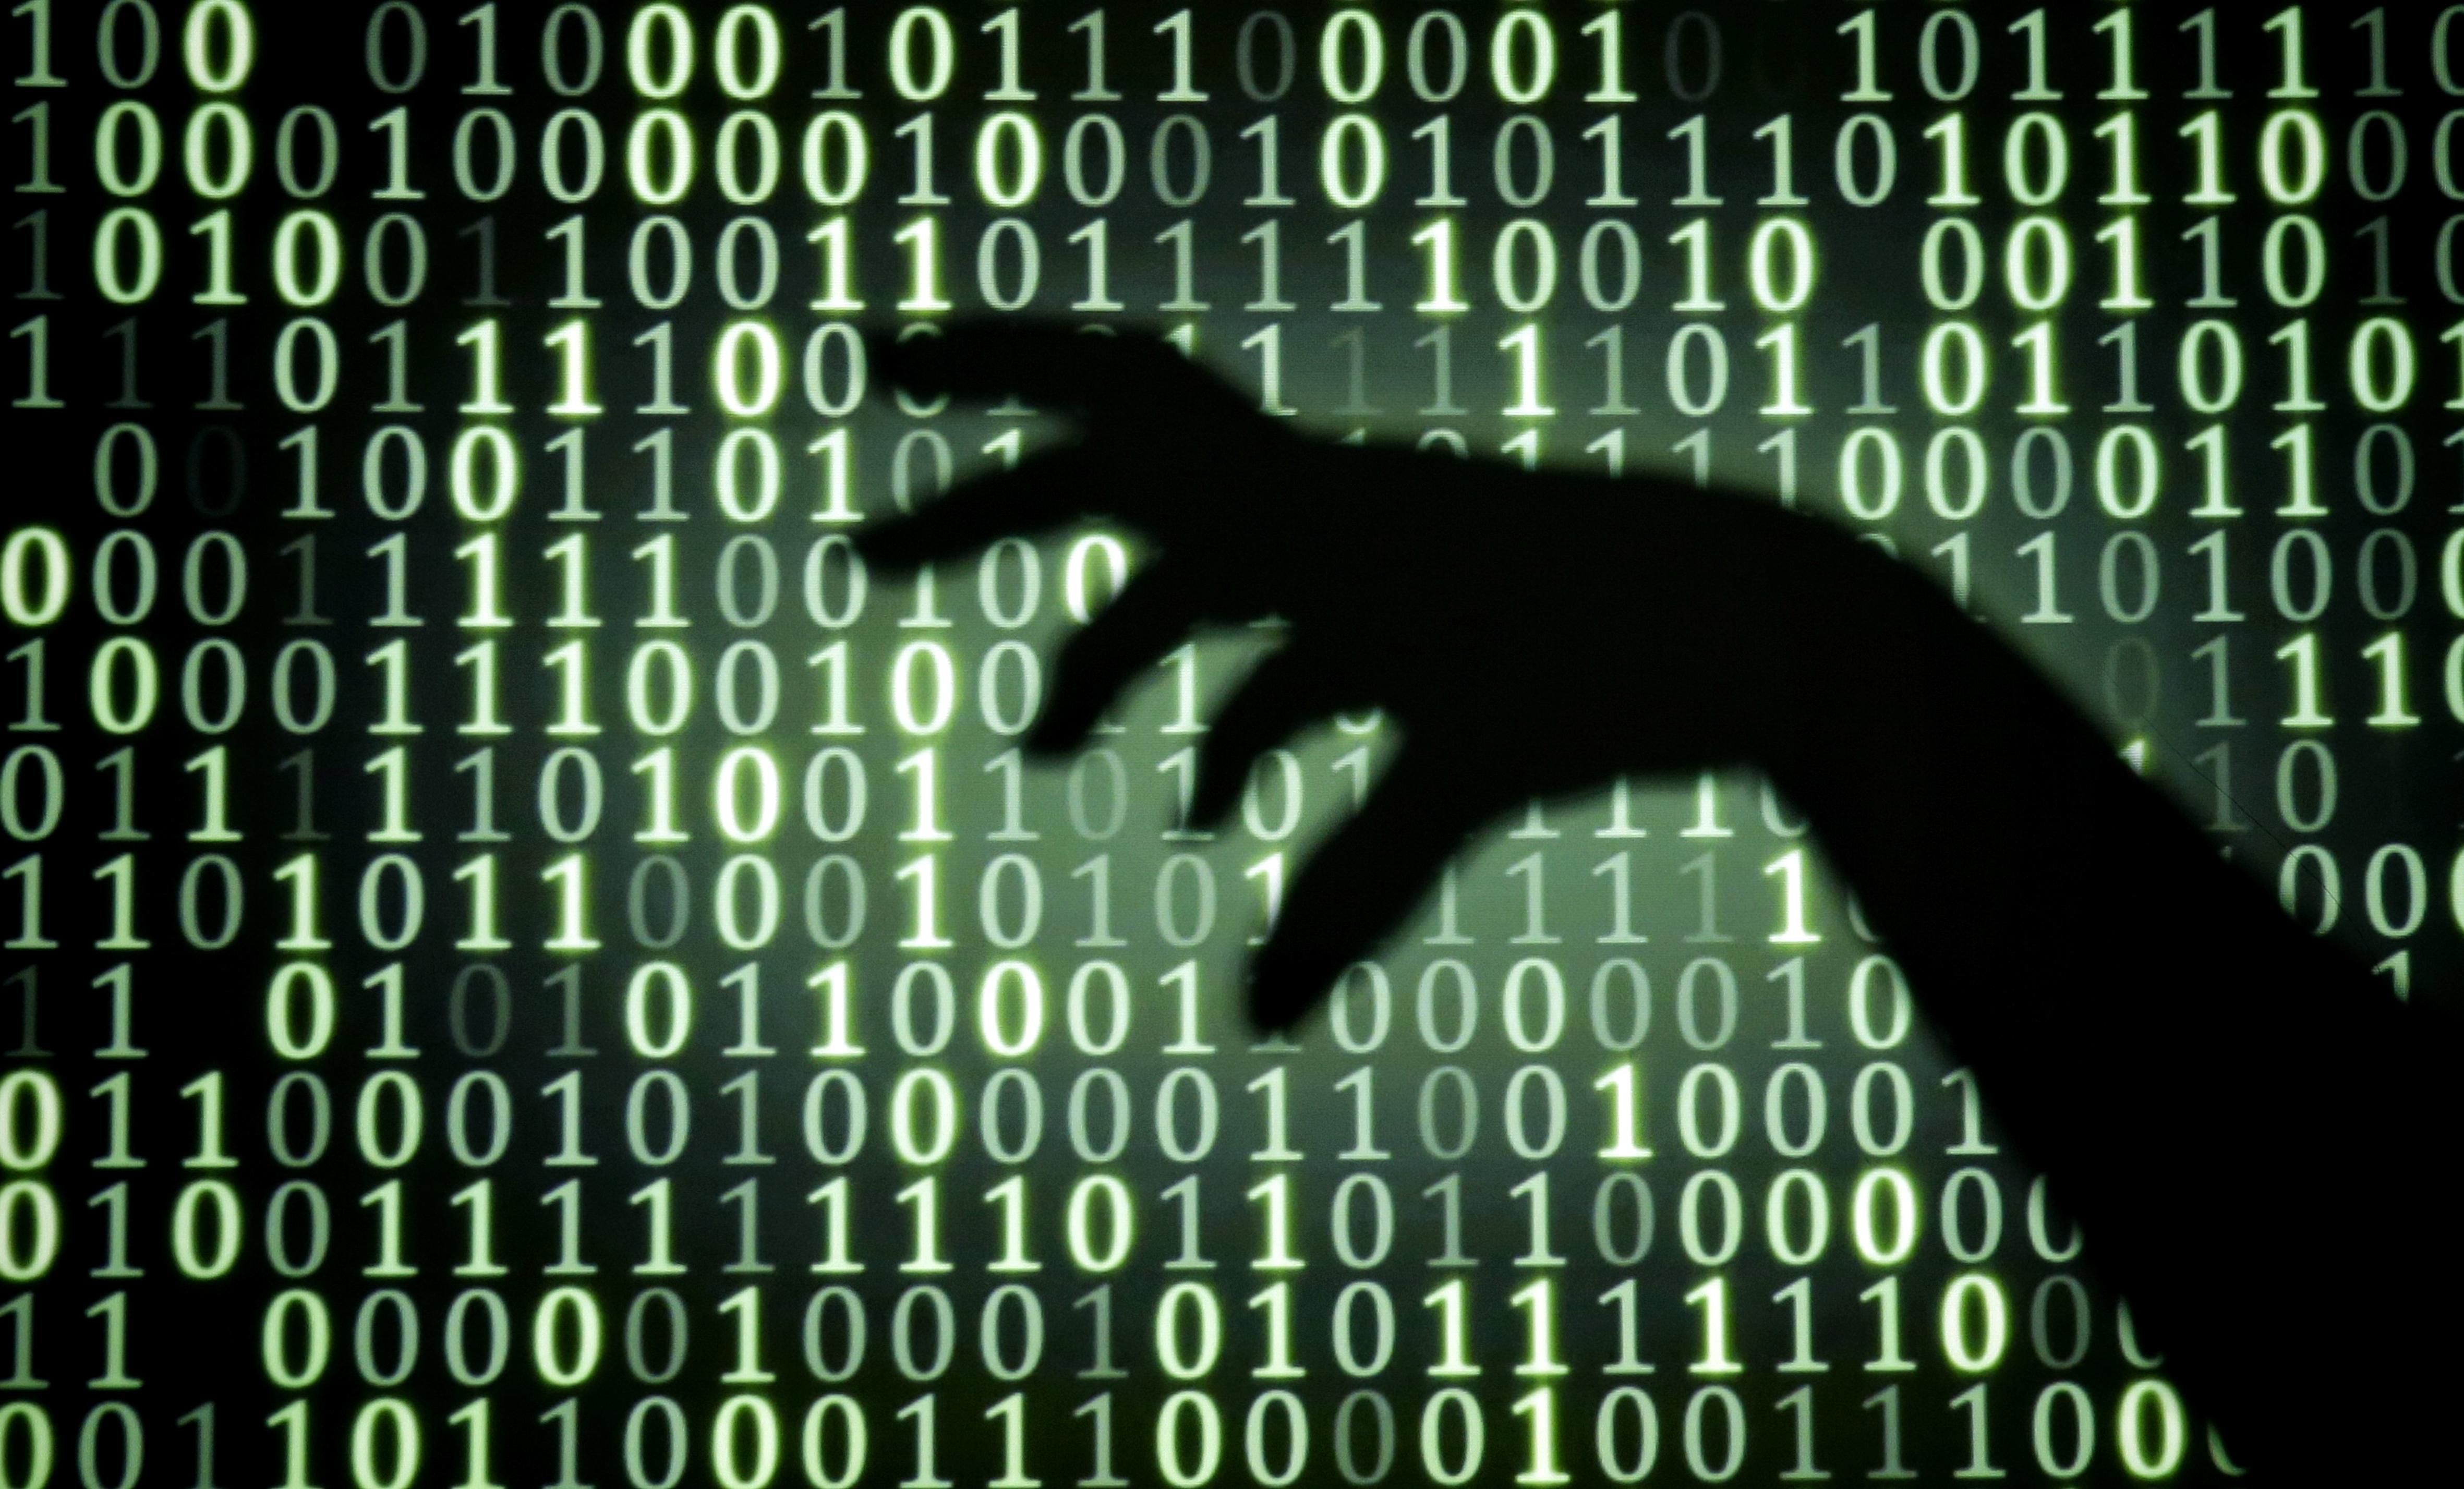 Uniós kiberbiztonsági ügynökség jöhet